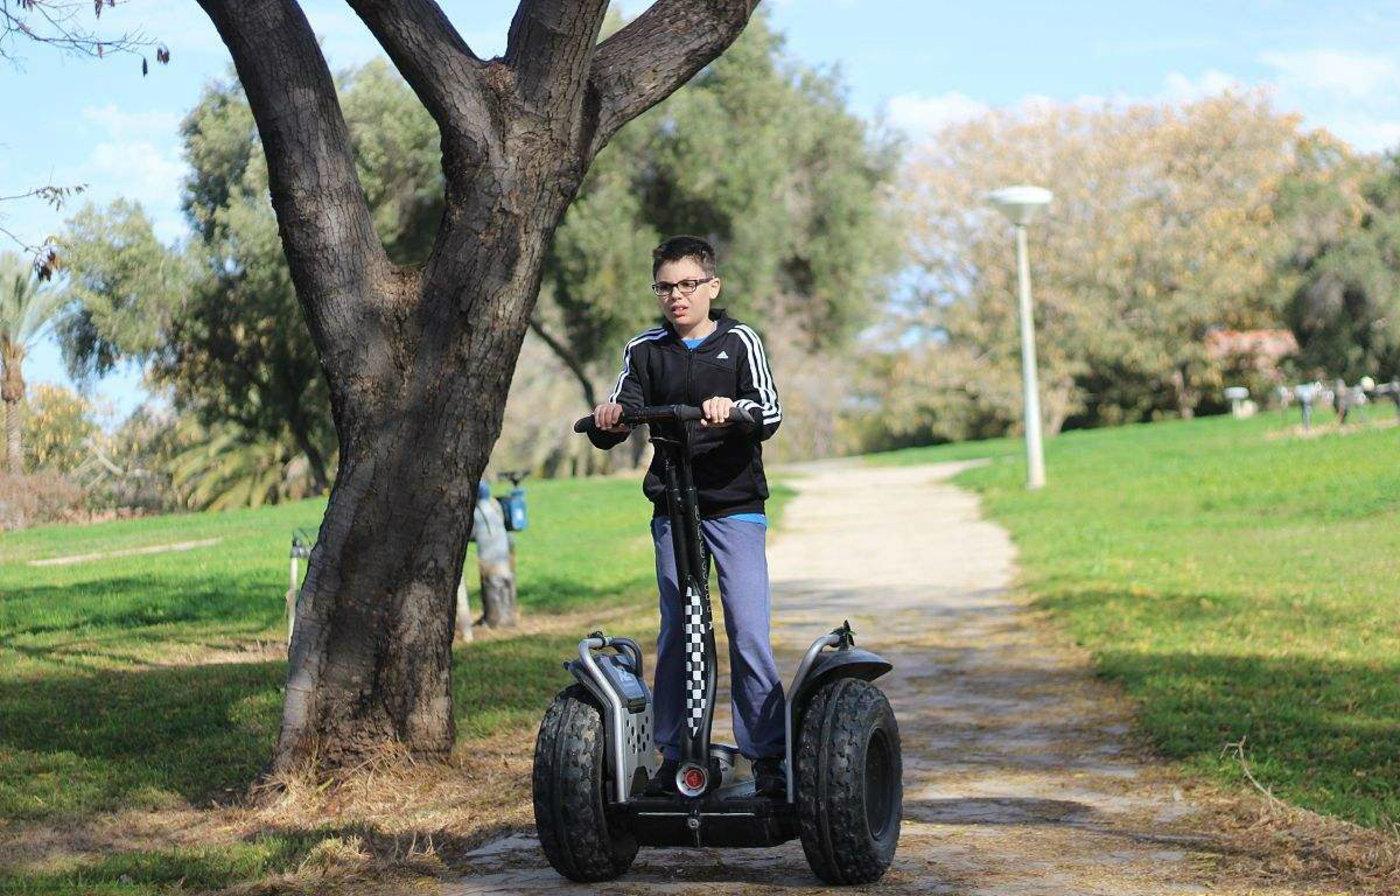 Segway是一种电力驱动、具有自我平衡能力的个人用运输载具,图片来源于视觉中国